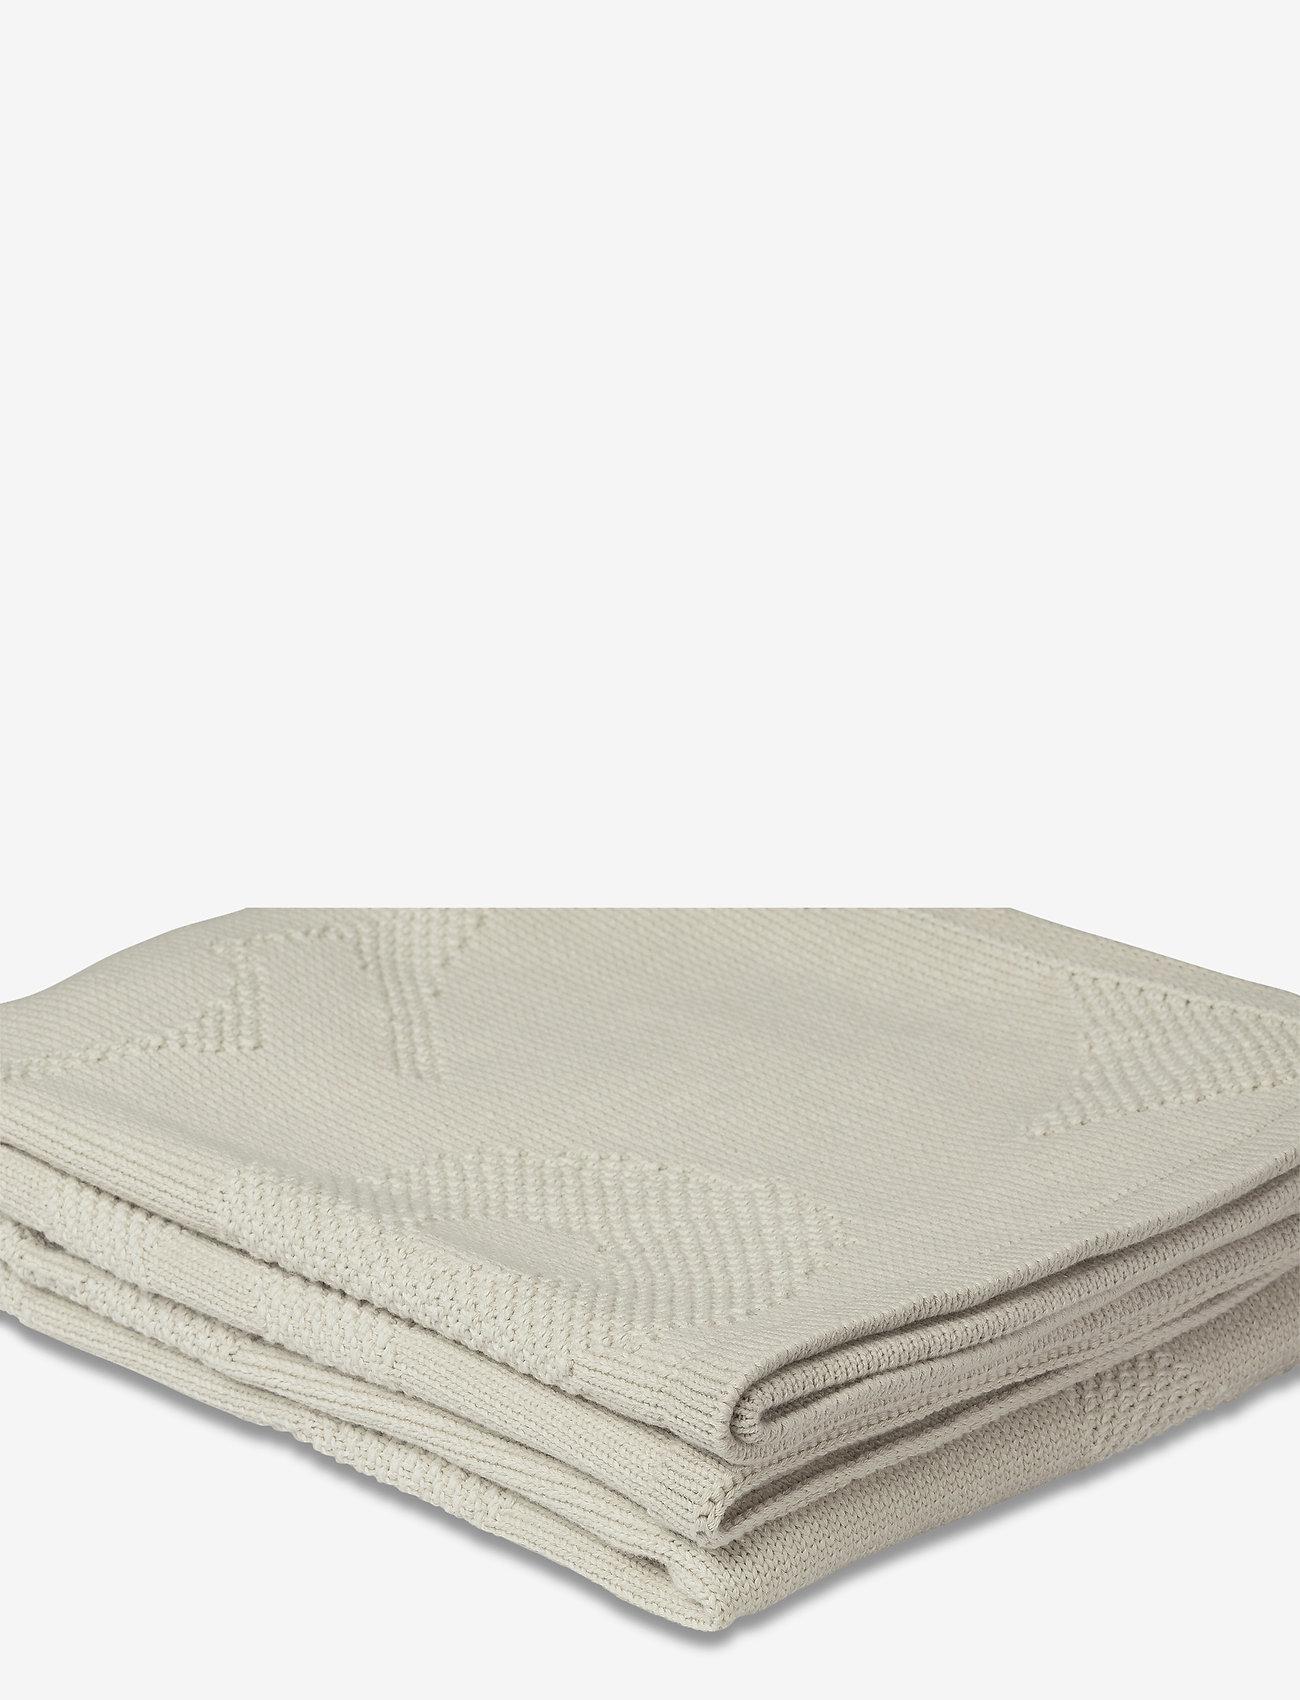 Marimekko Home - UNIKKO KNITTED BLANKET - blankets - off-white - 0